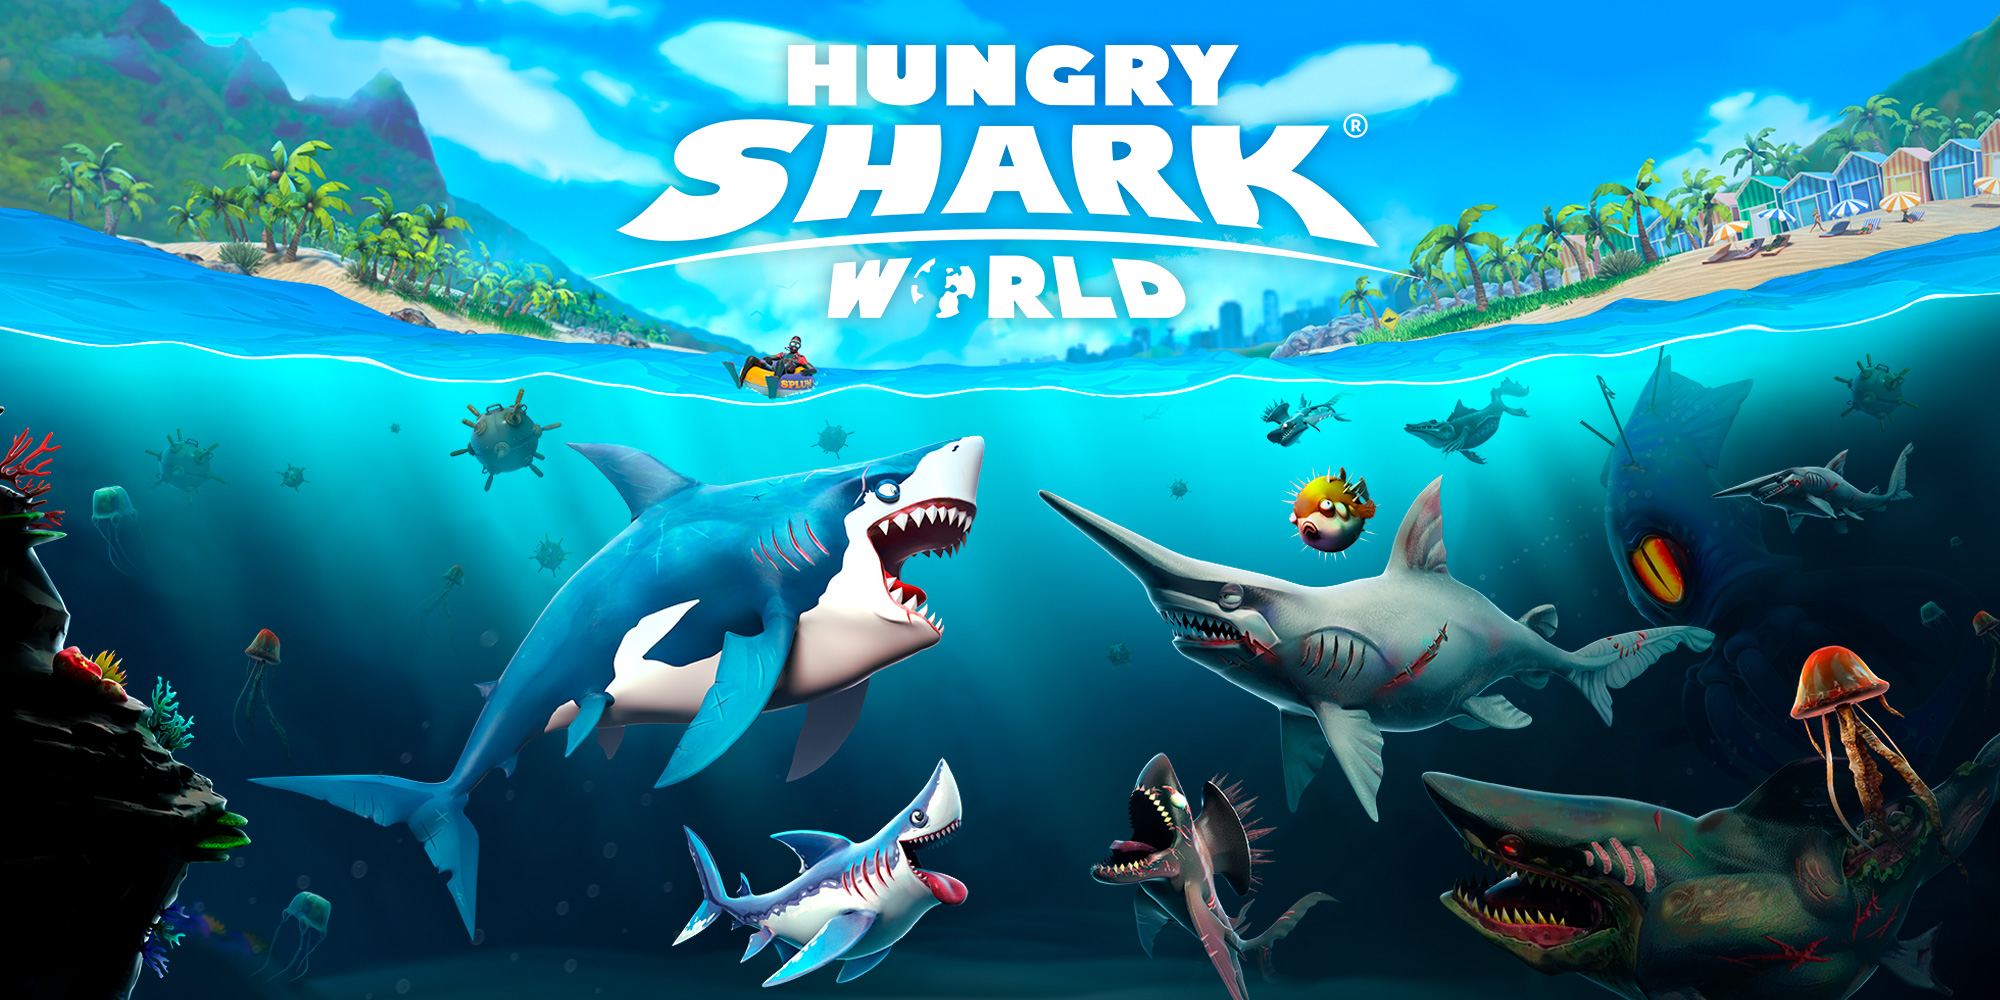 9 игр для андроид, работающих без интернета - hungry shark